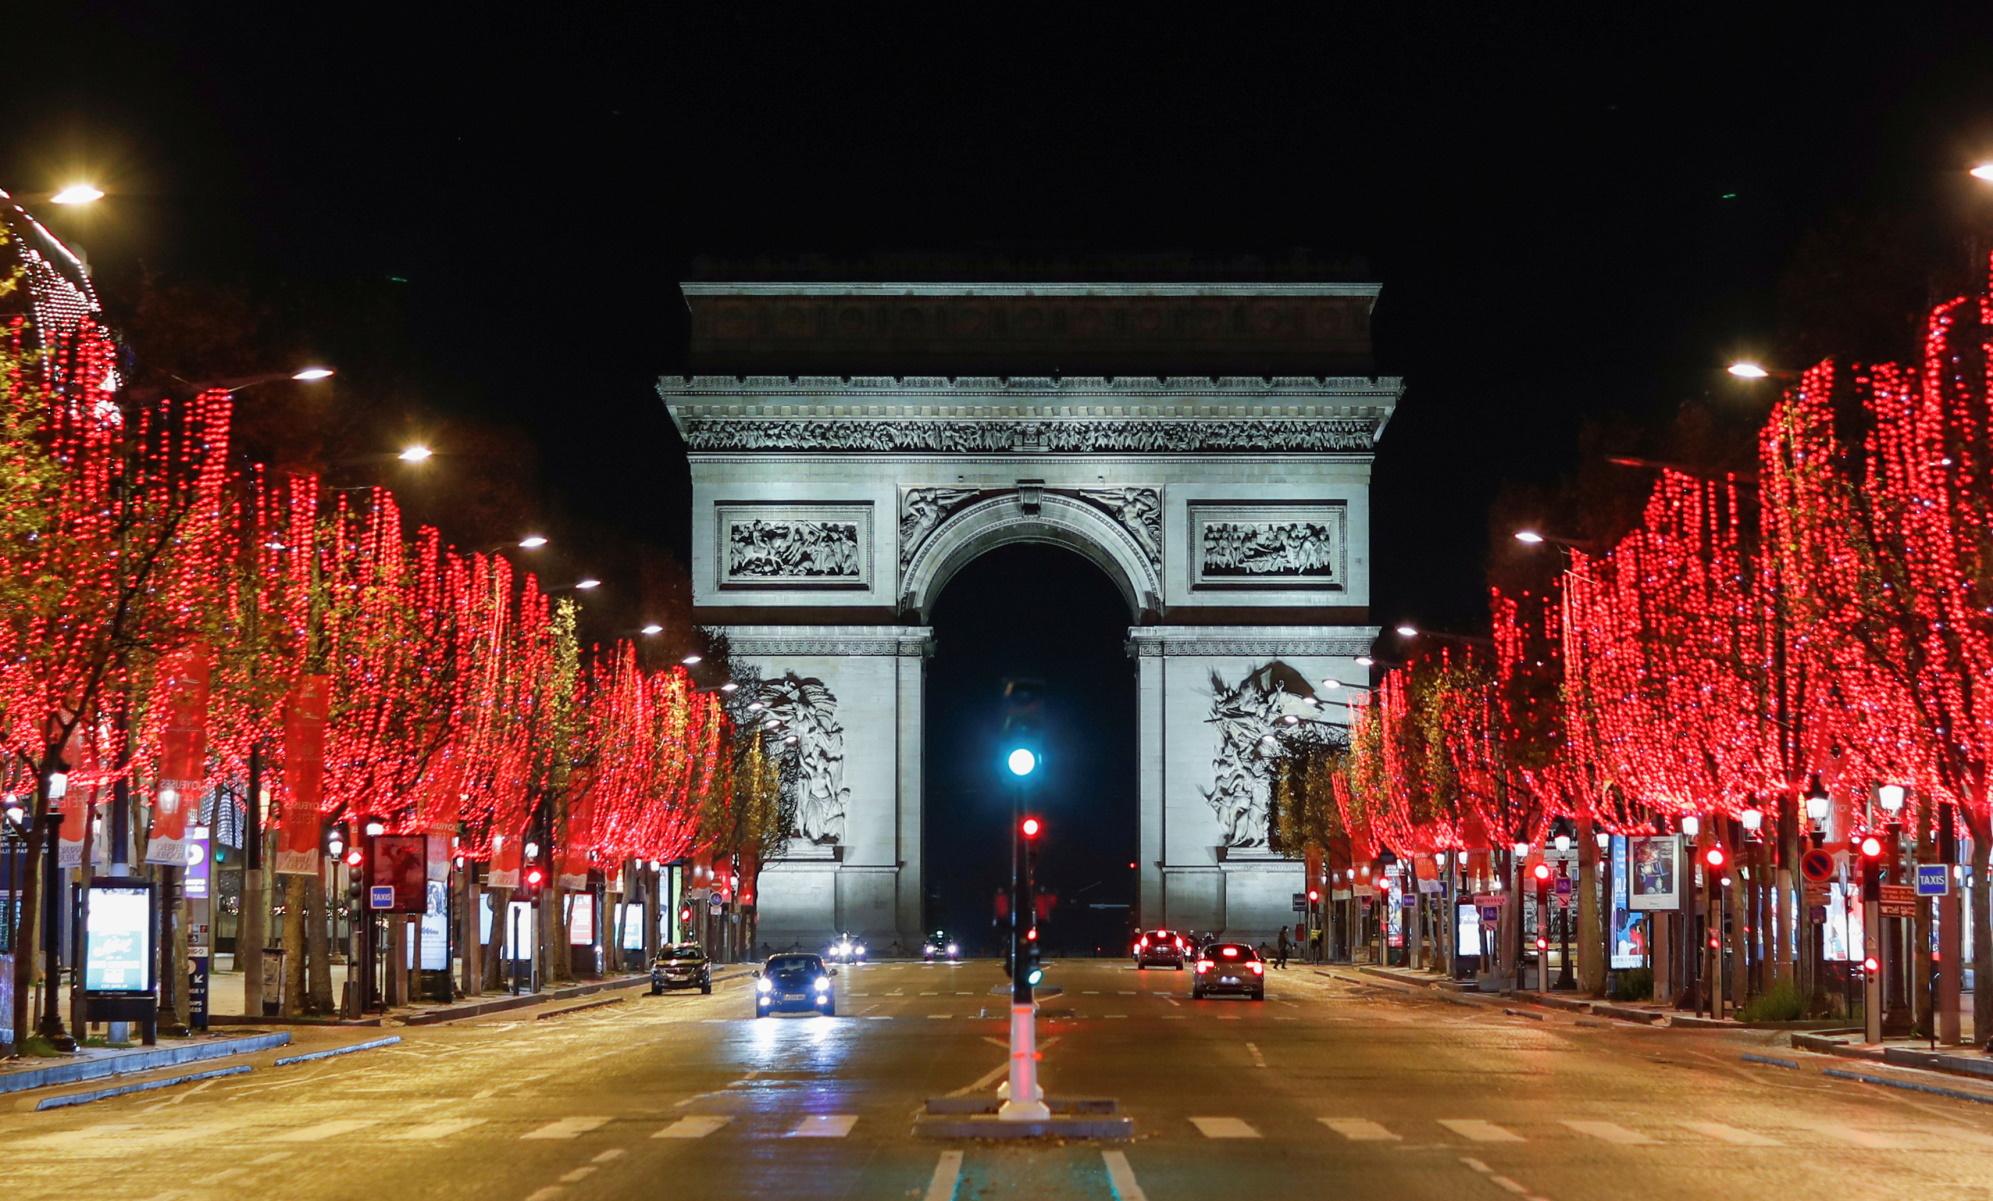 Παρίσι: «Καμπάνα» 90.000 ευρώ στην δήμαρχο Αν Ινταλγκό για διορισμό «υπερβολικά πολλών» γυναικών